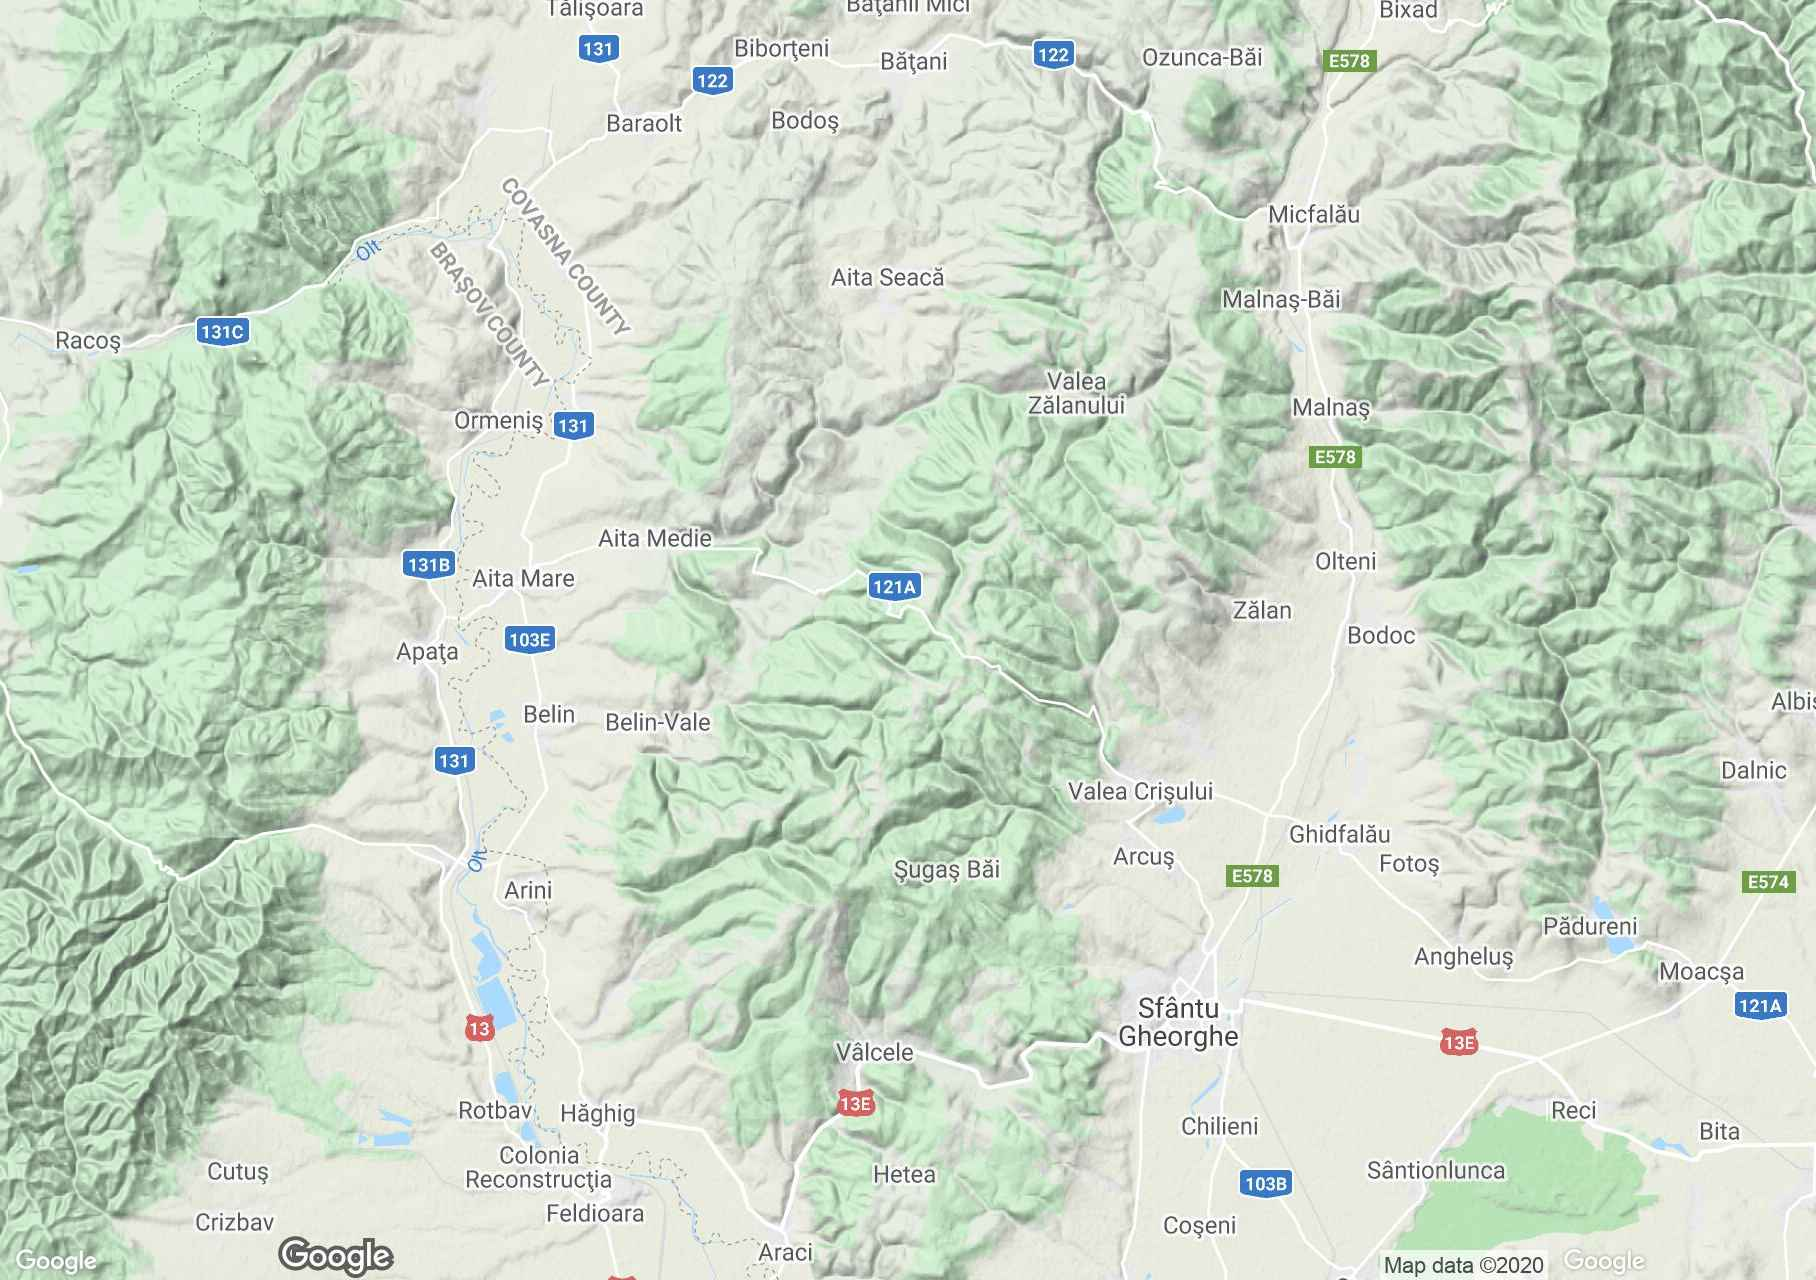 Barót-hegység interaktív turista térképe.